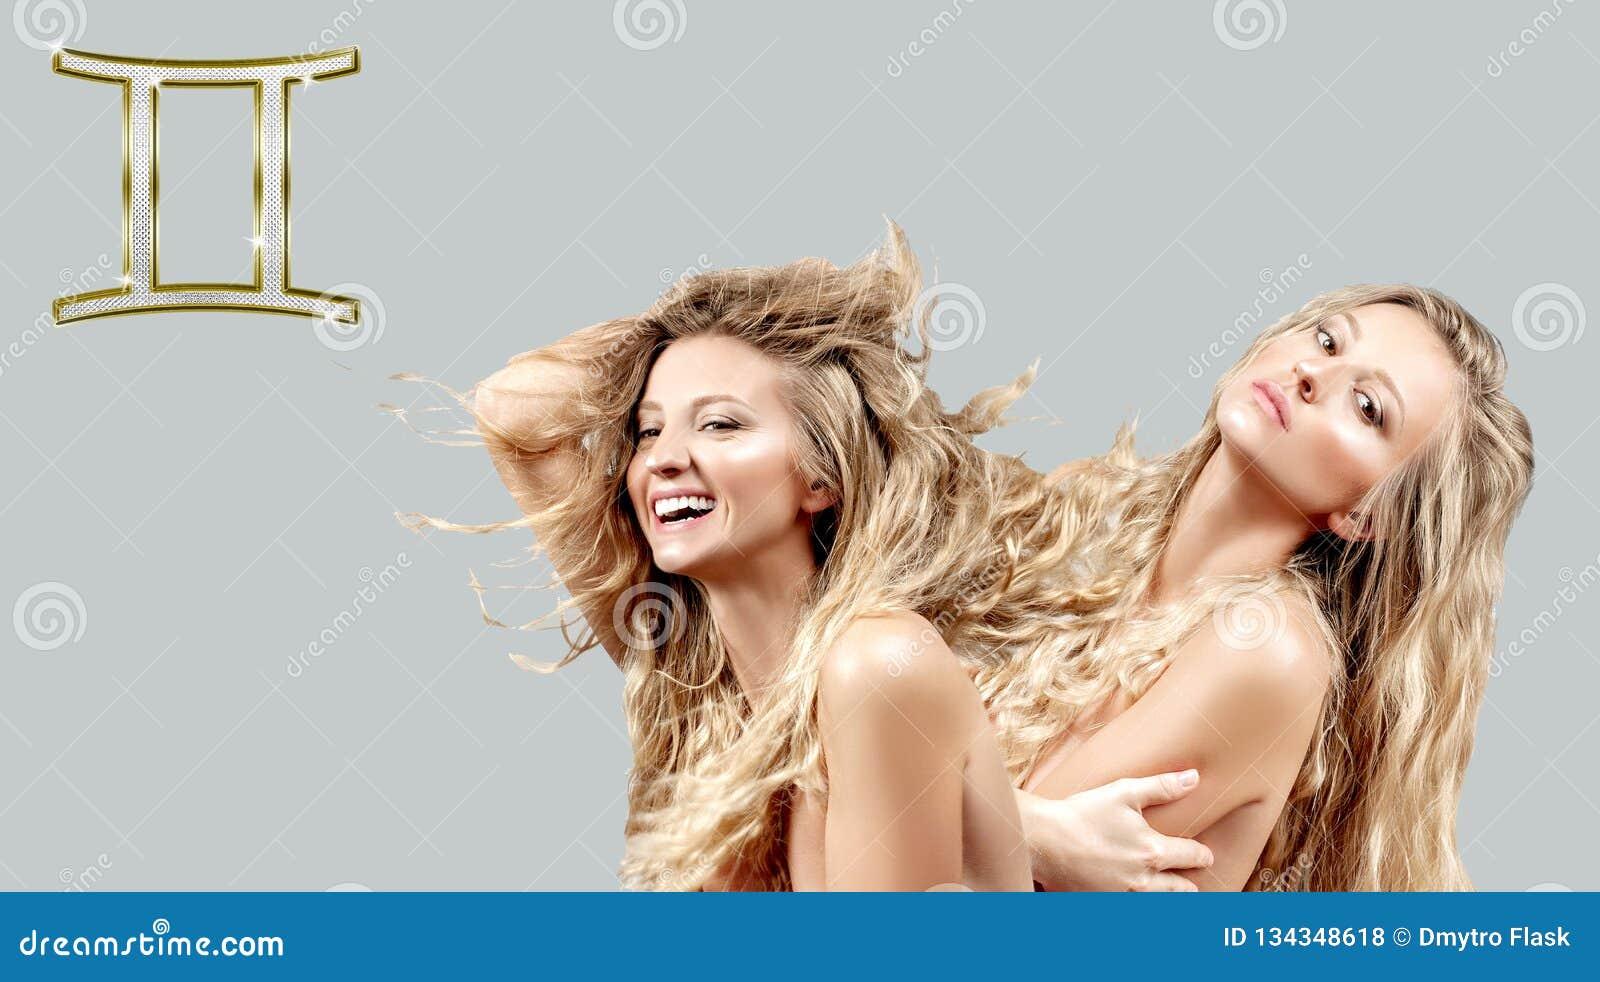 Astrologia i horoskop Gemini zodiaka znak, dwa pięknej kobiety z kędzierzawy długie włosy